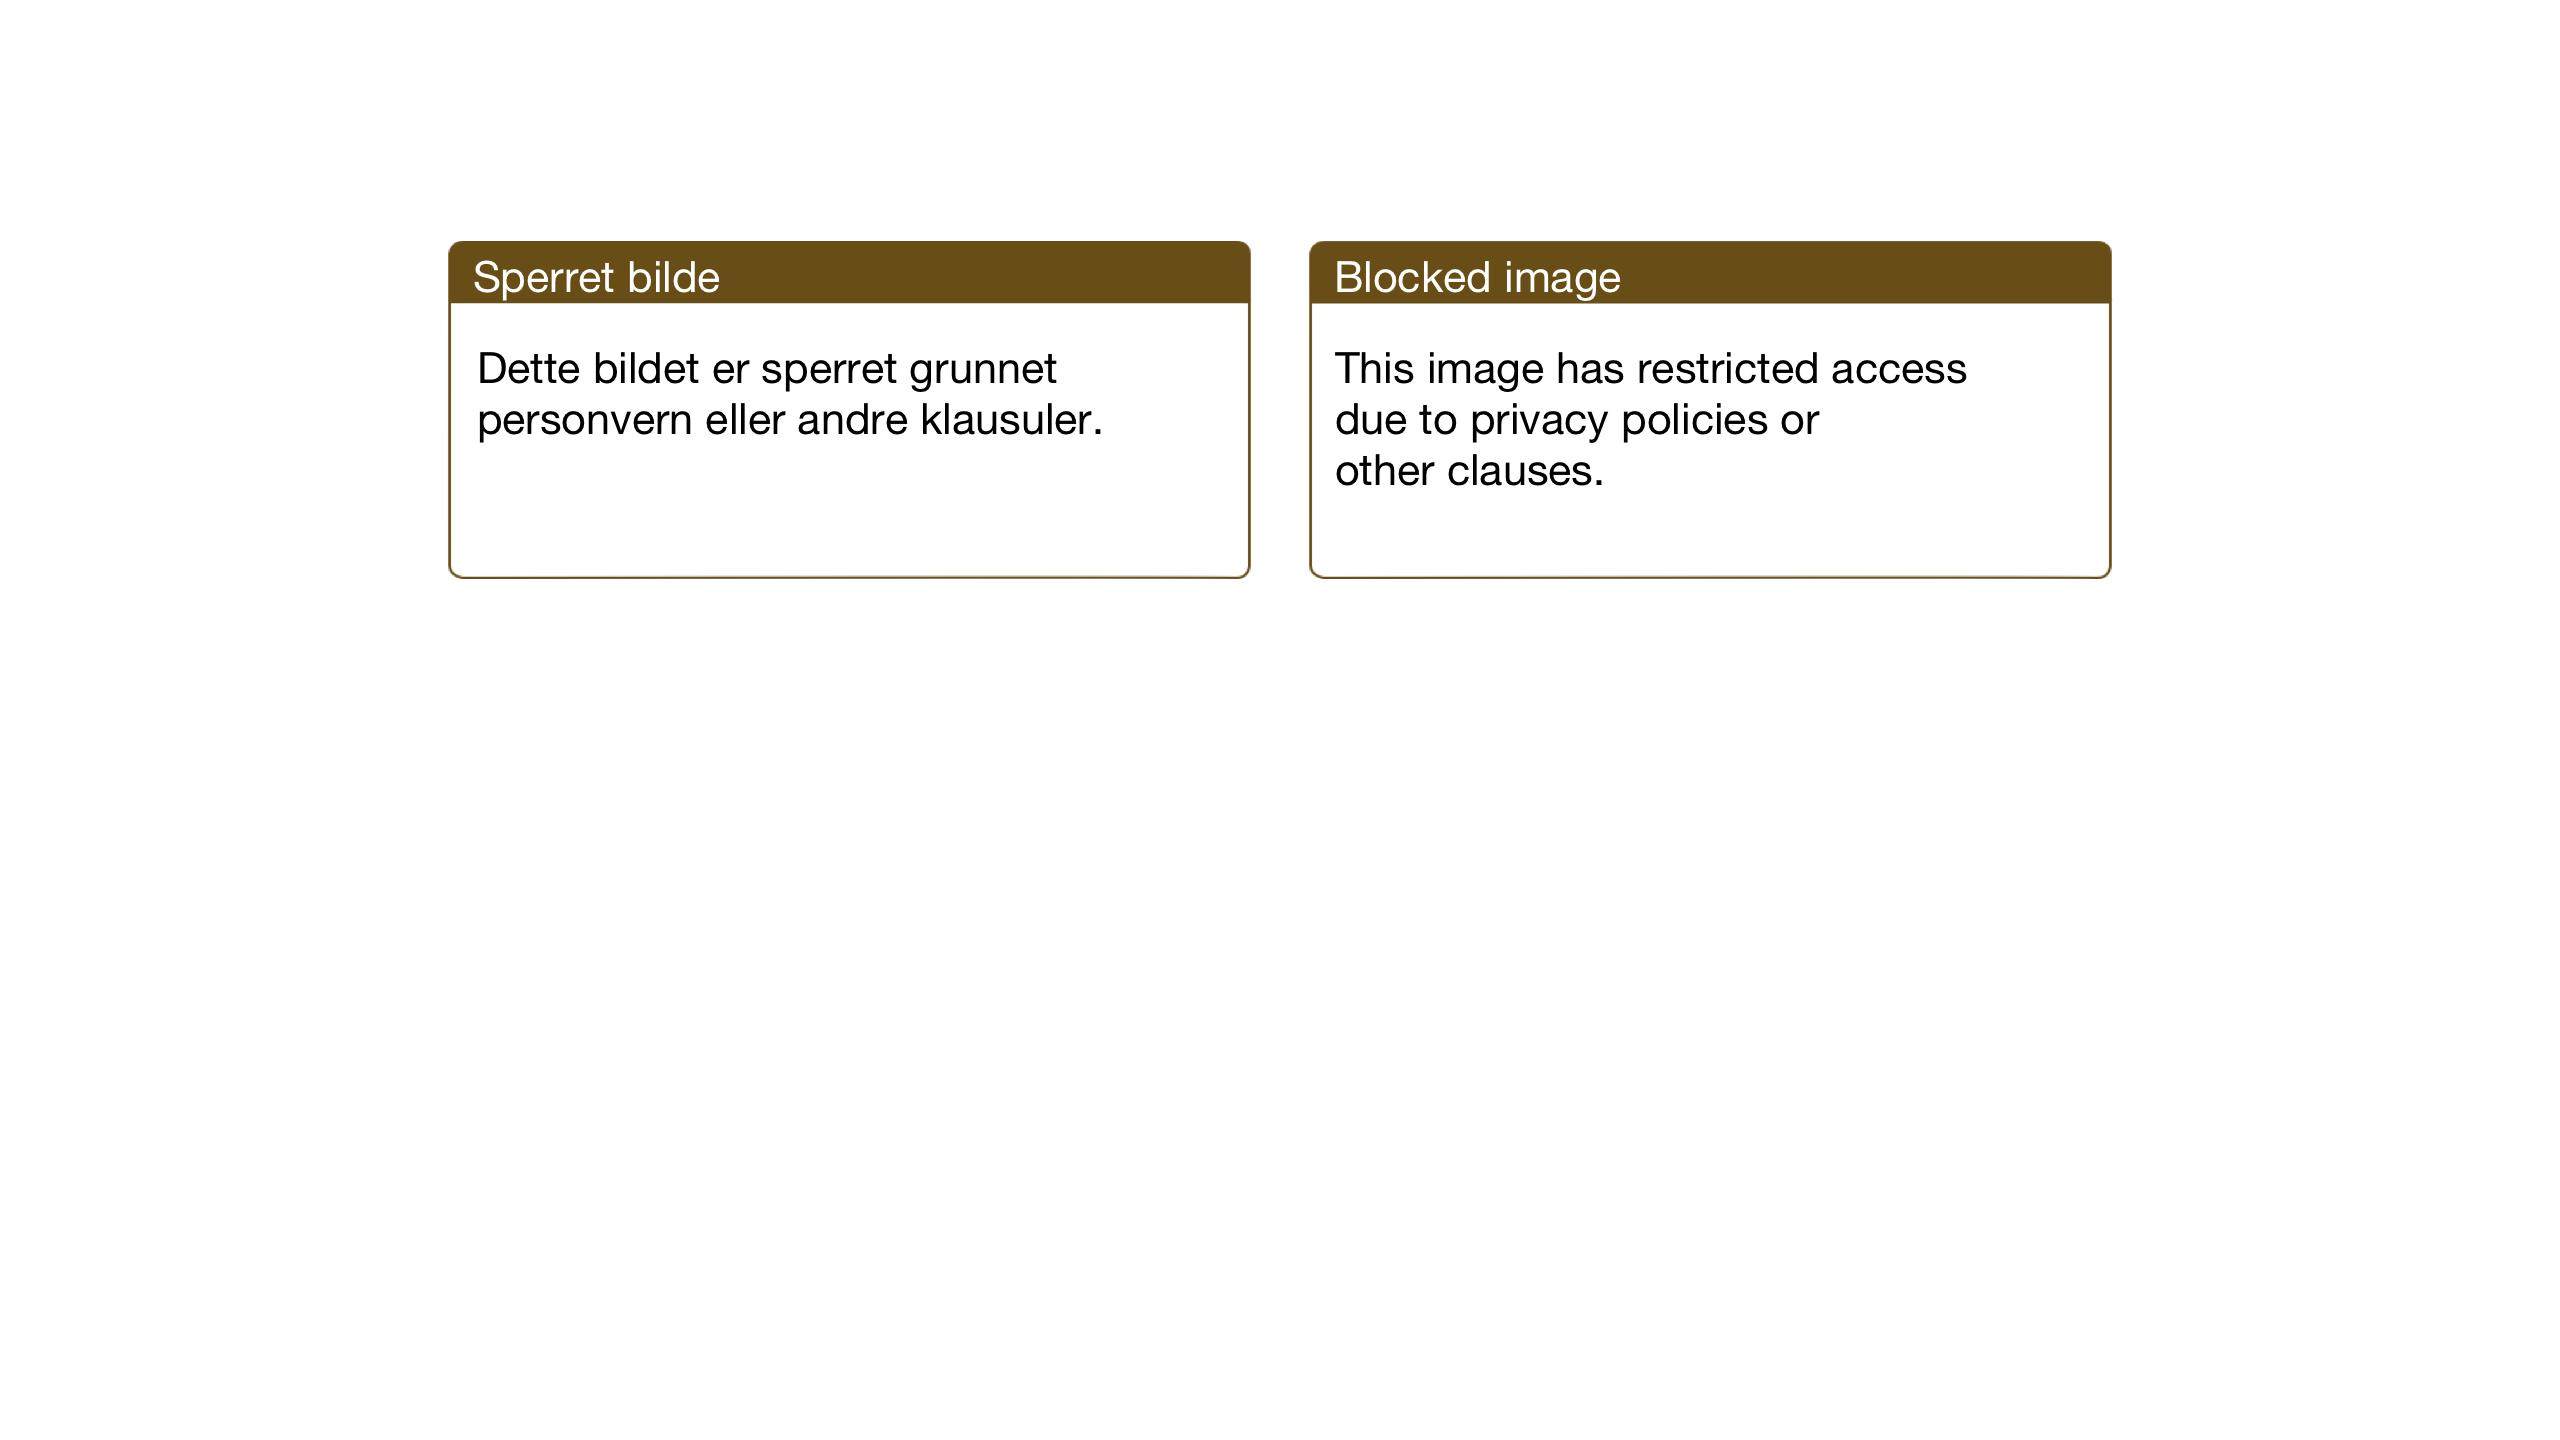 SAT, Ministerialprotokoller, klokkerbøker og fødselsregistre - Sør-Trøndelag, 603/L0175: Klokkerbok nr. 603C03, 1923-1941, s. 189